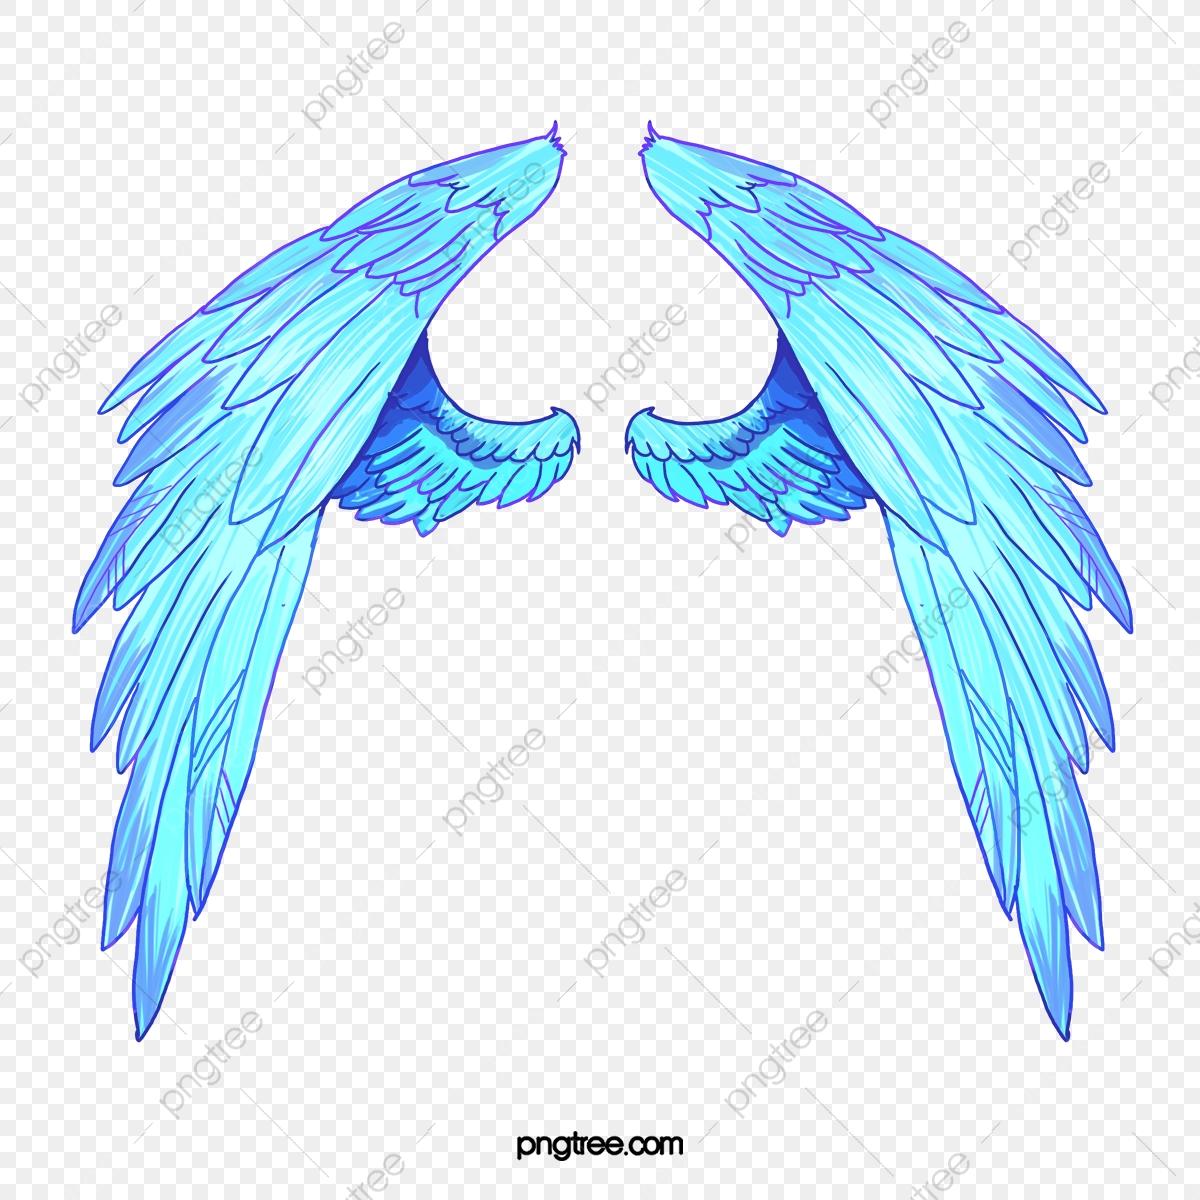 Alas De Angel, Pintado A Mano De Estilo, Azul, Alas De Angel Archivo.